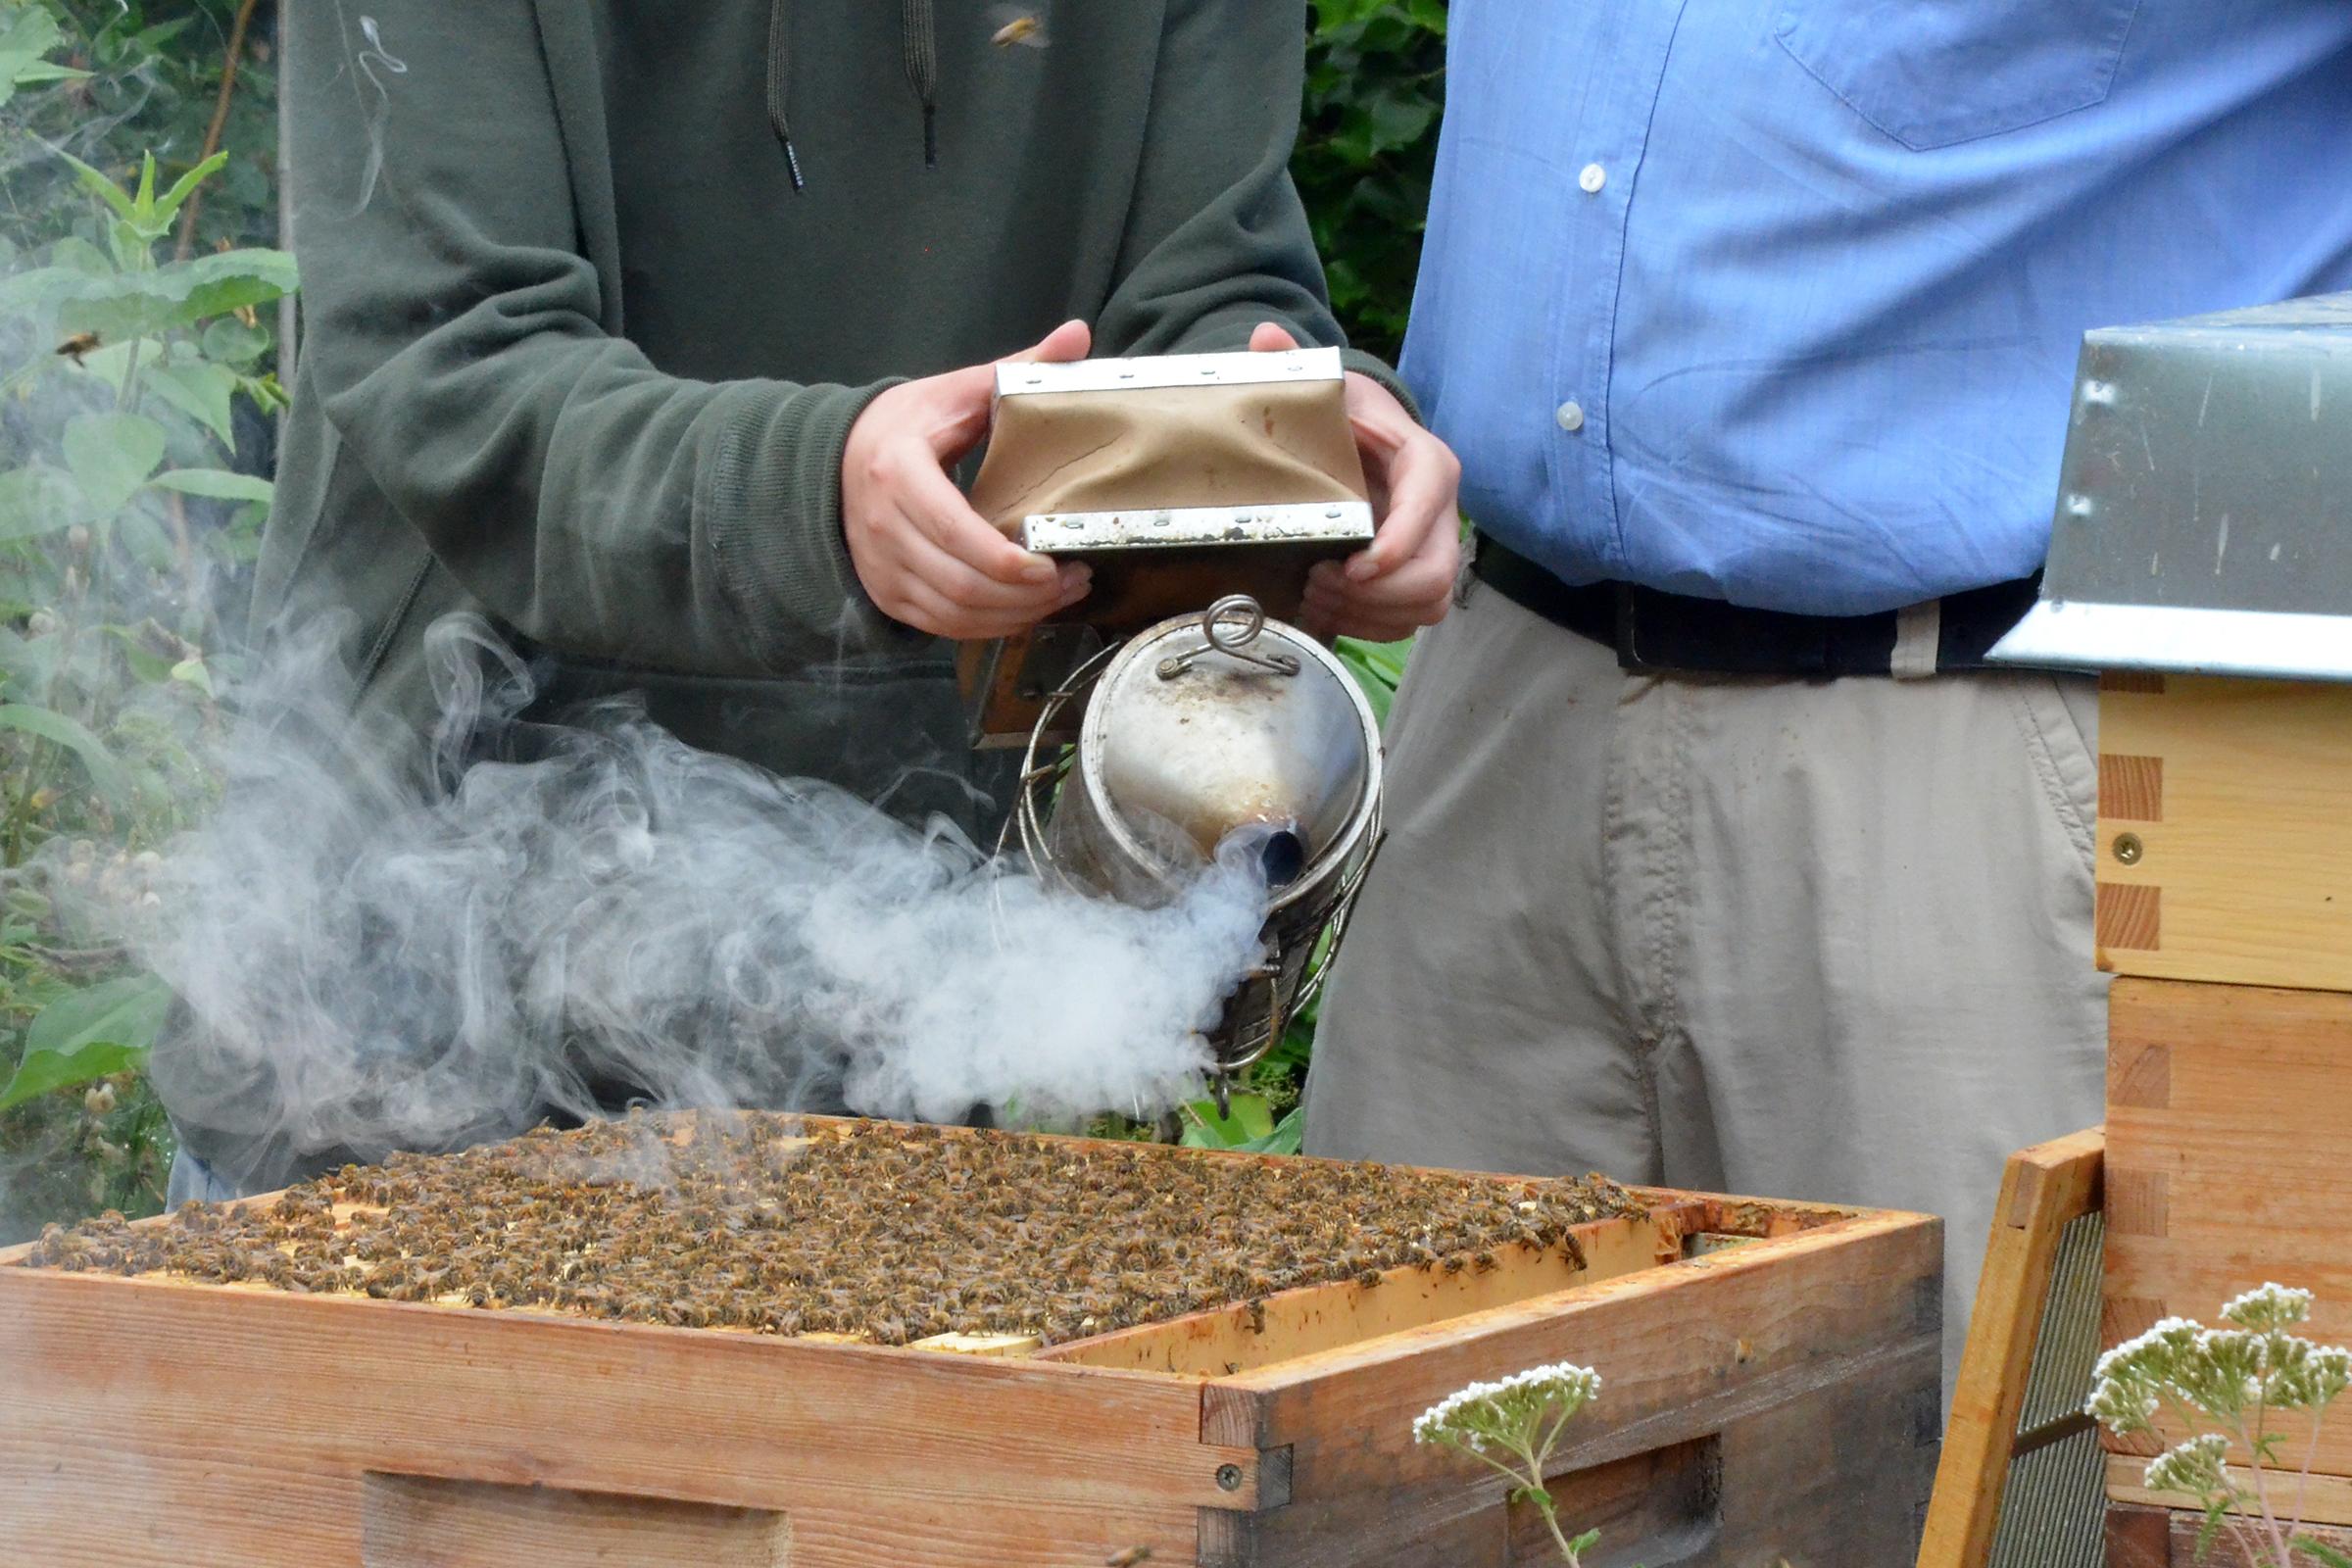 Bienenstock in der Imkerei Bienenhort Suderwich Recklinghausen